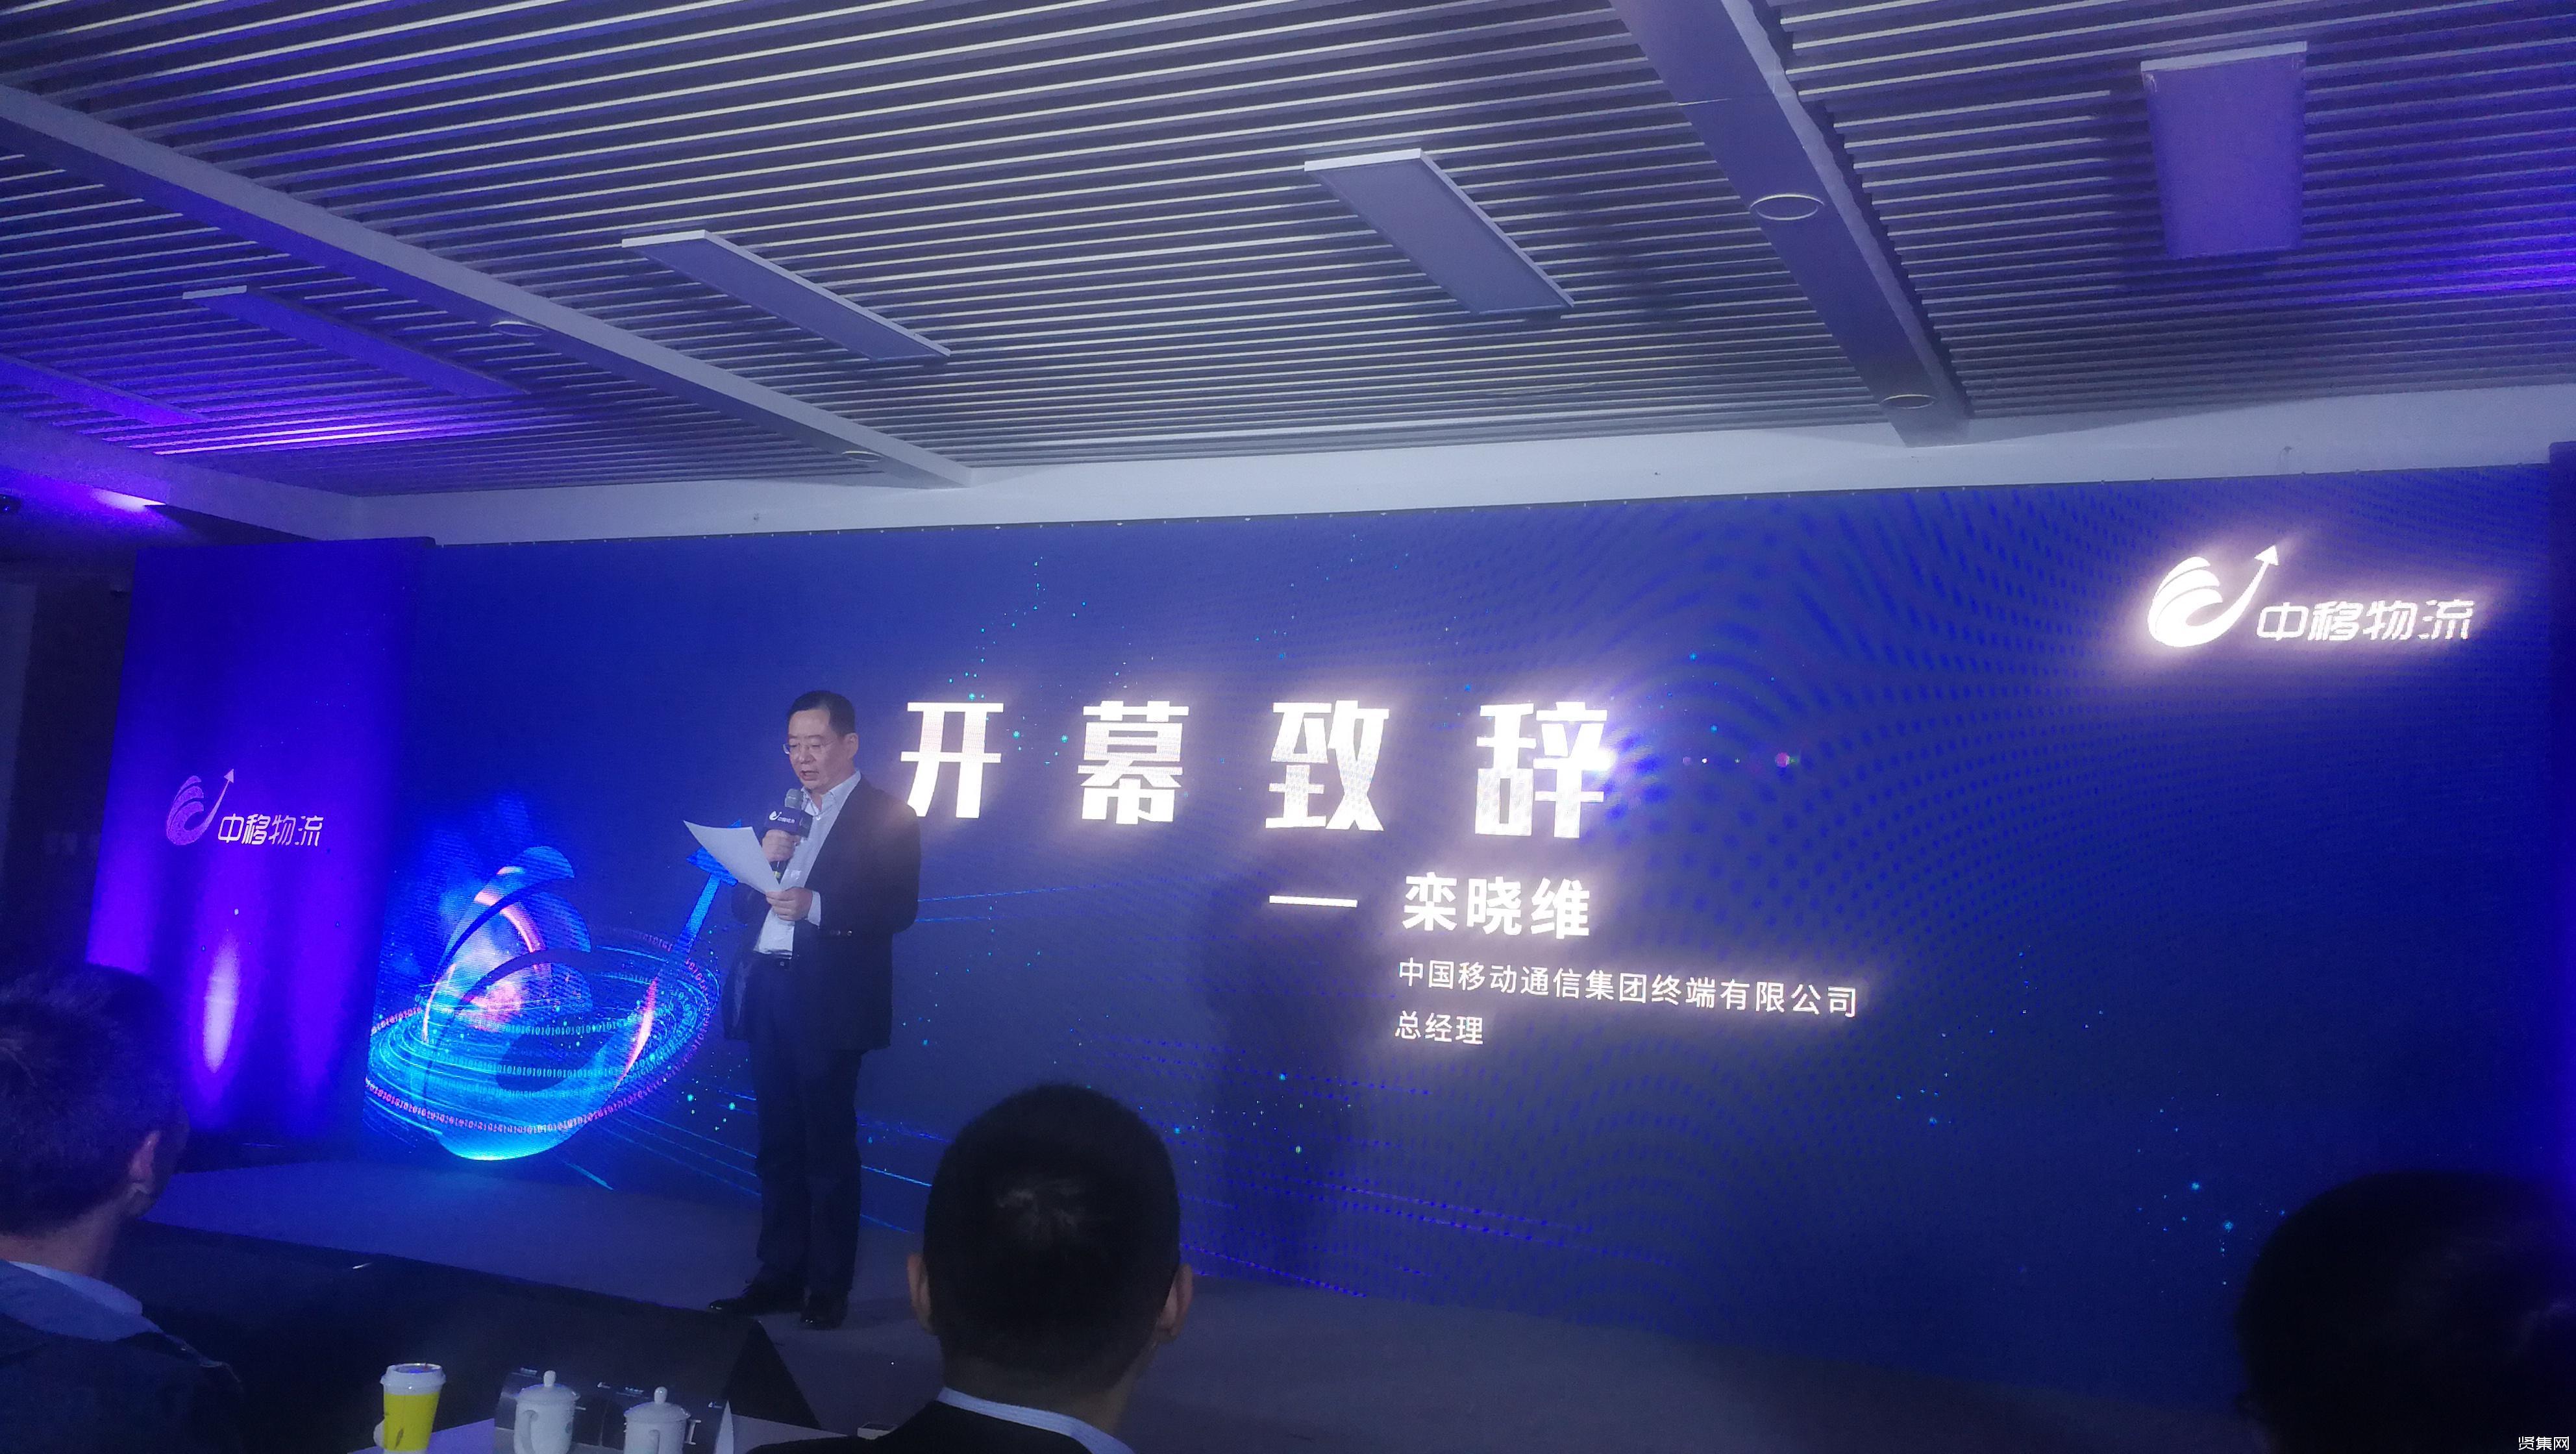 ?中國移動發布數字化供應鏈公共服務平臺:布局5G+物流,促進行業變革